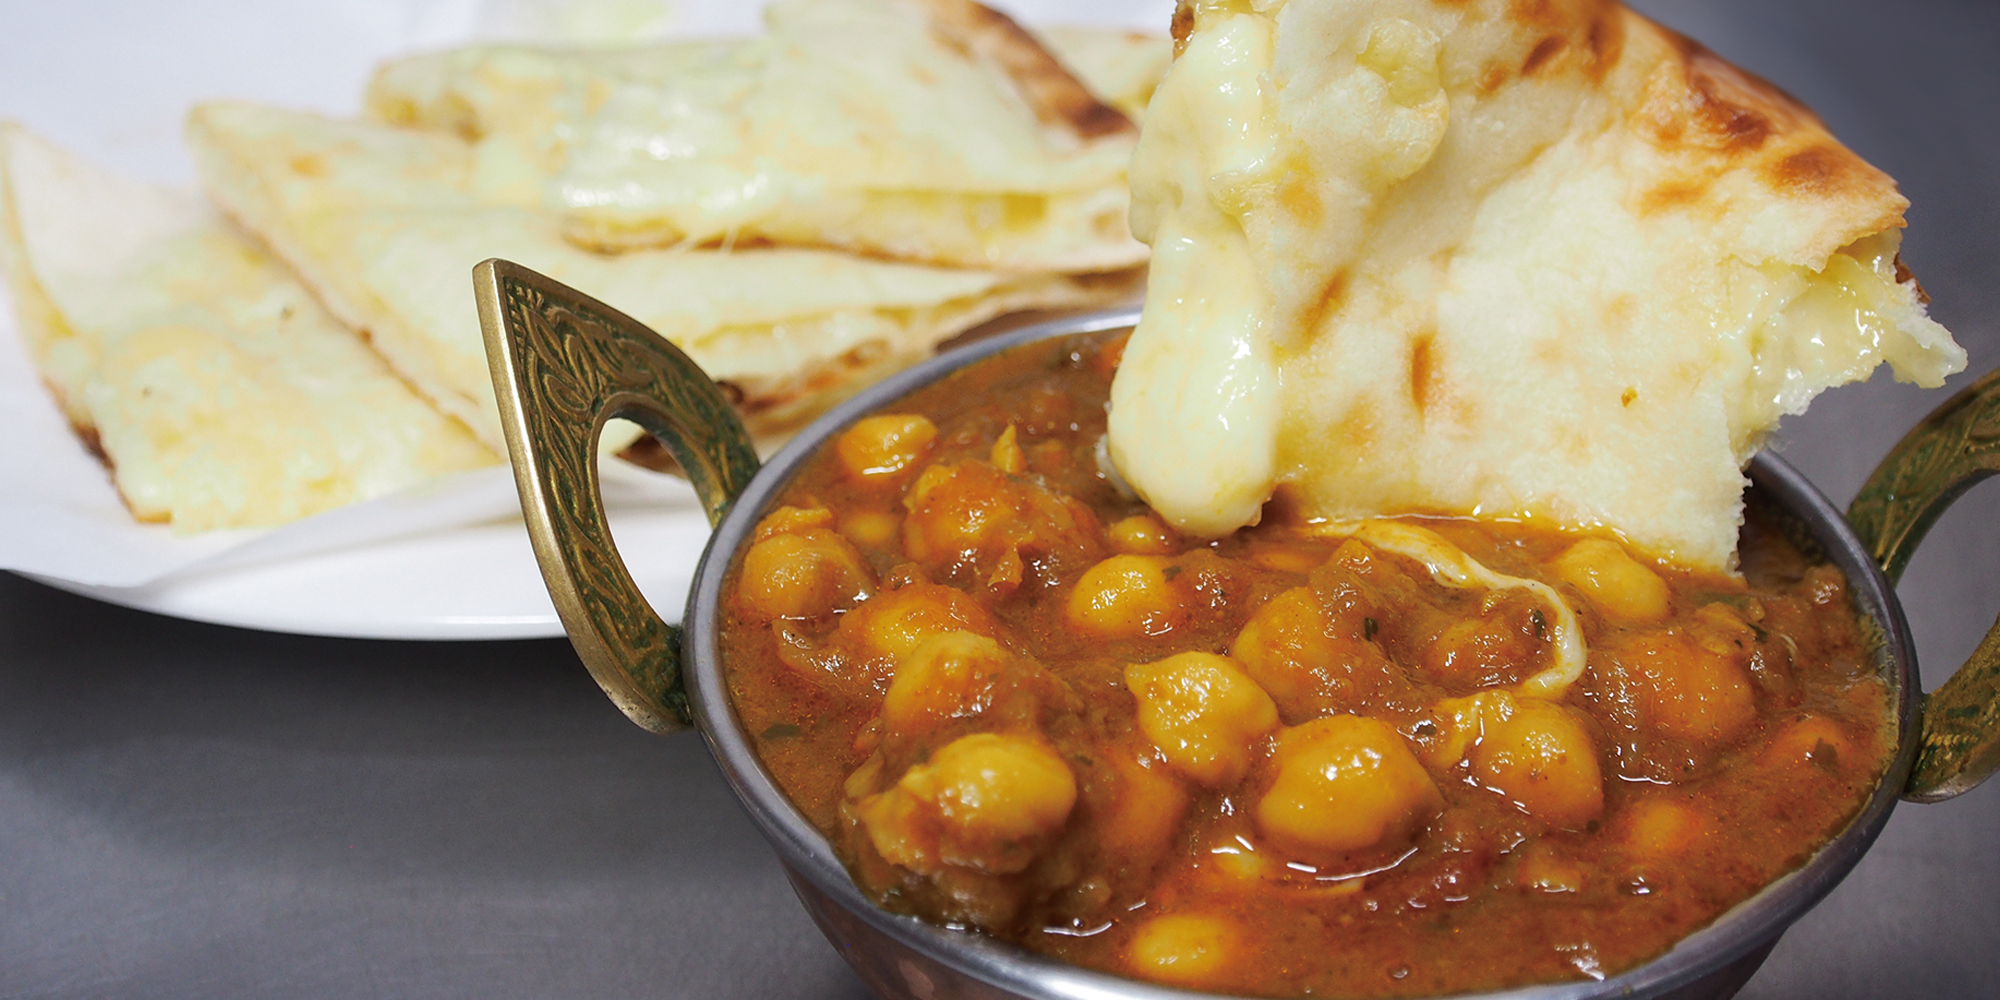 インド料理のマユール イオン洛南店